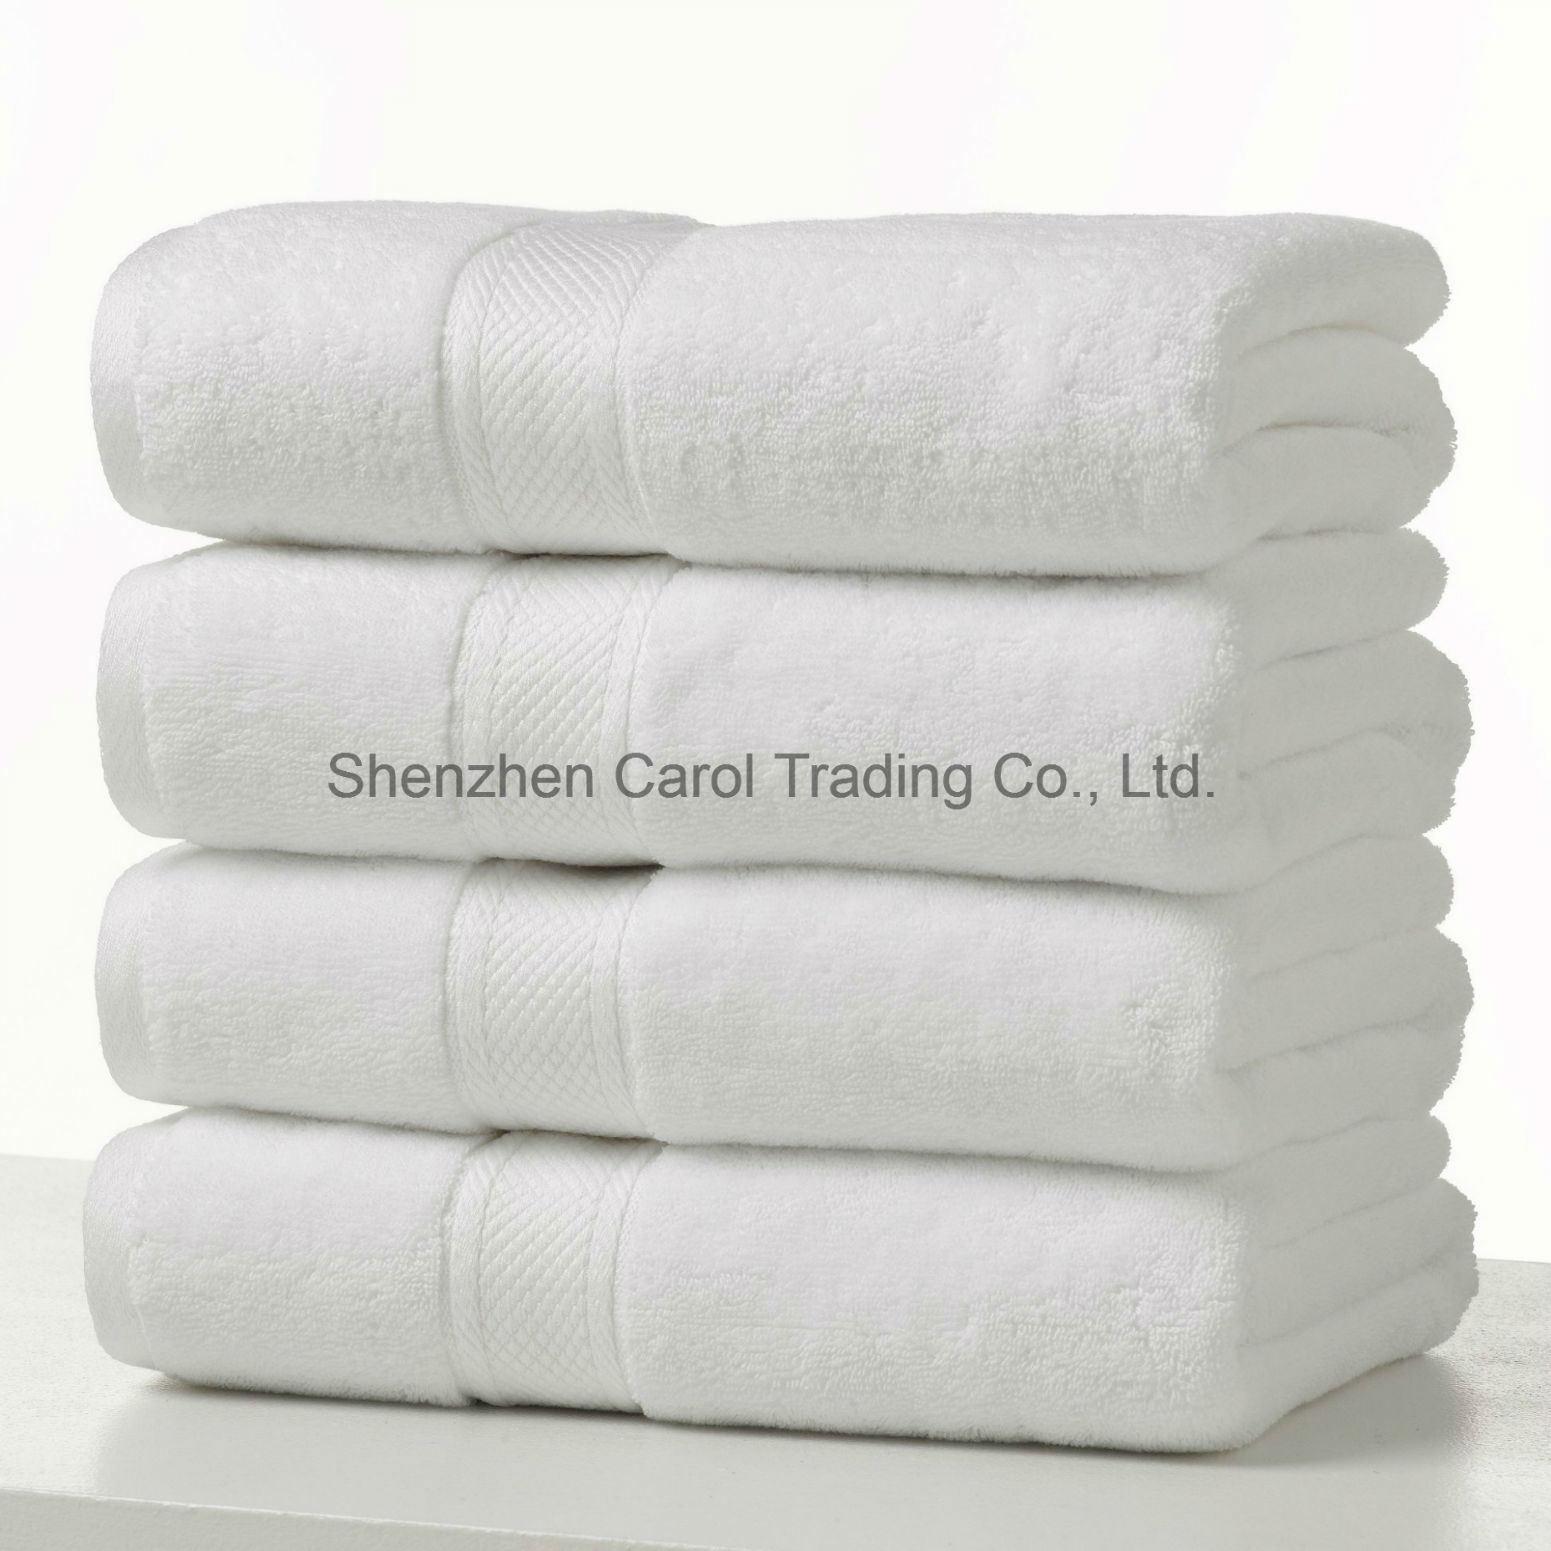 100% Cotton White Hotel Textile Bath Towel Hotel Towel